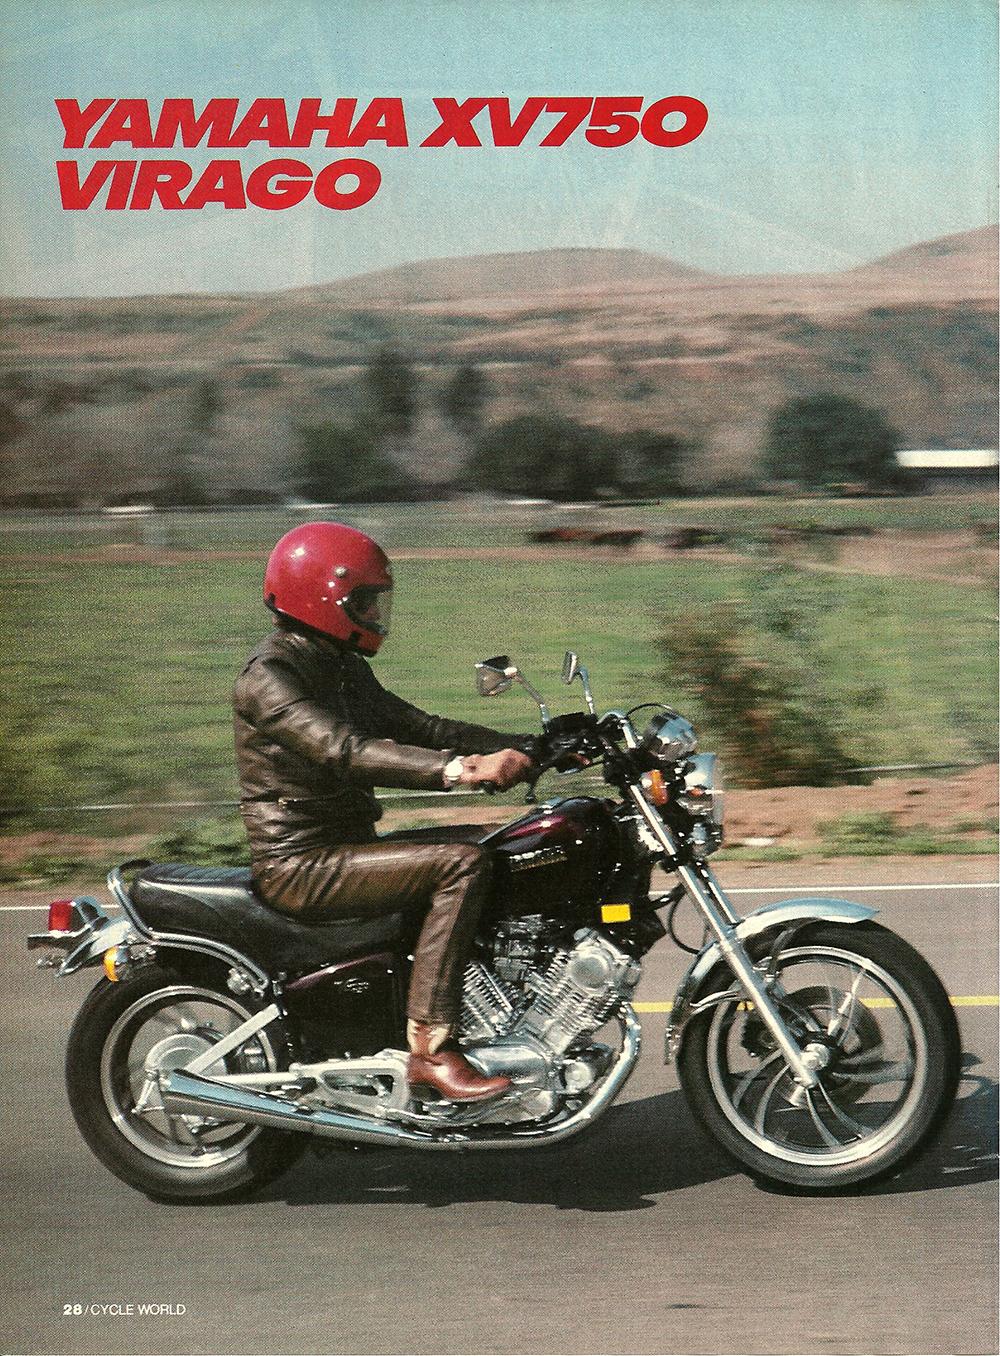 1981 Yamaha XV750 Virago road test 01.jpg